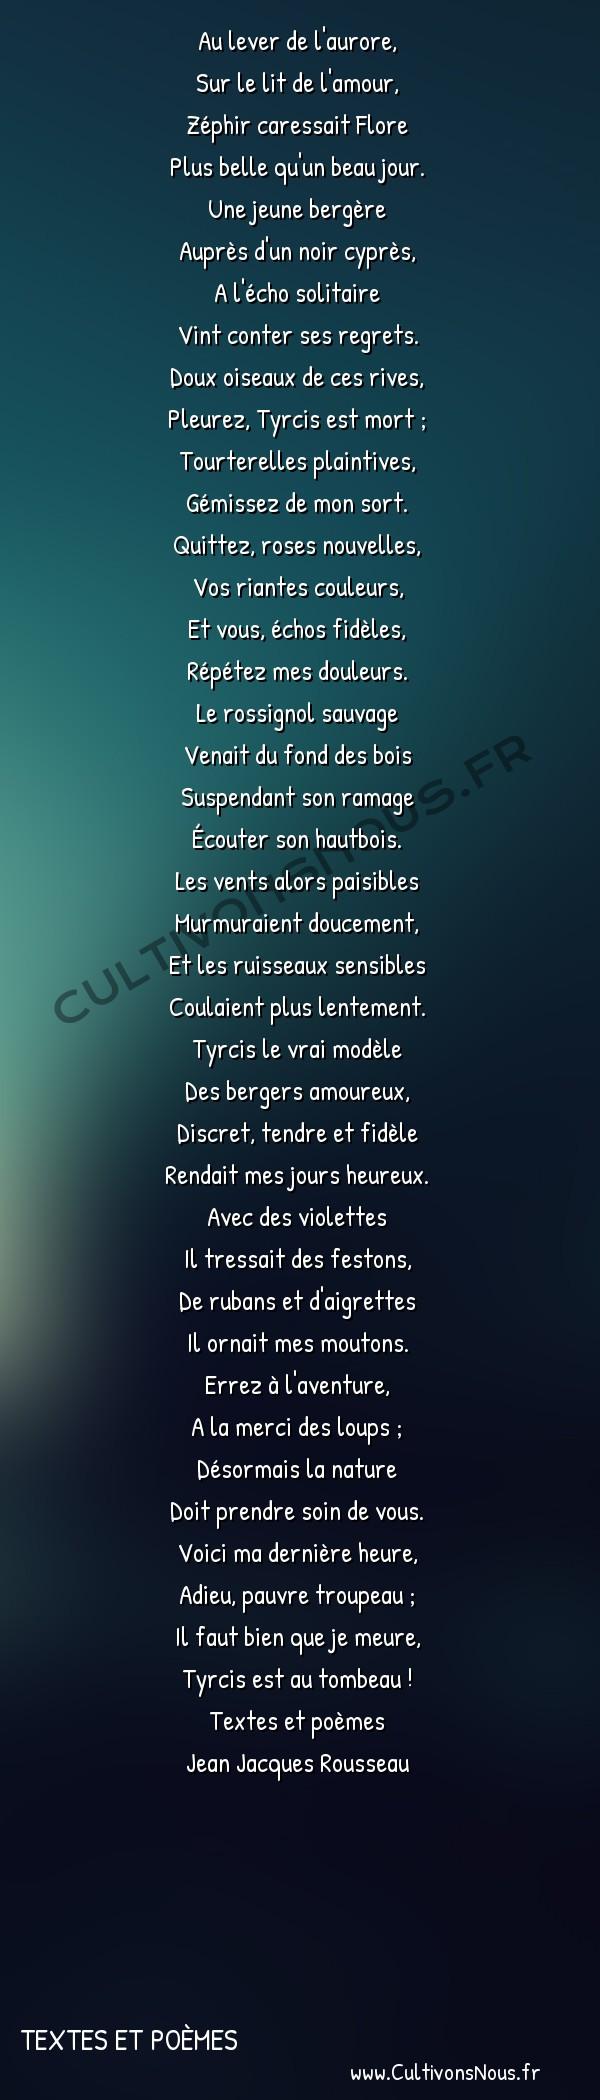 Poésie Jean Jacques Rousseau - textes et poèmes - Romance -  Au lever de l'aurore, Sur le lit de l'amour,